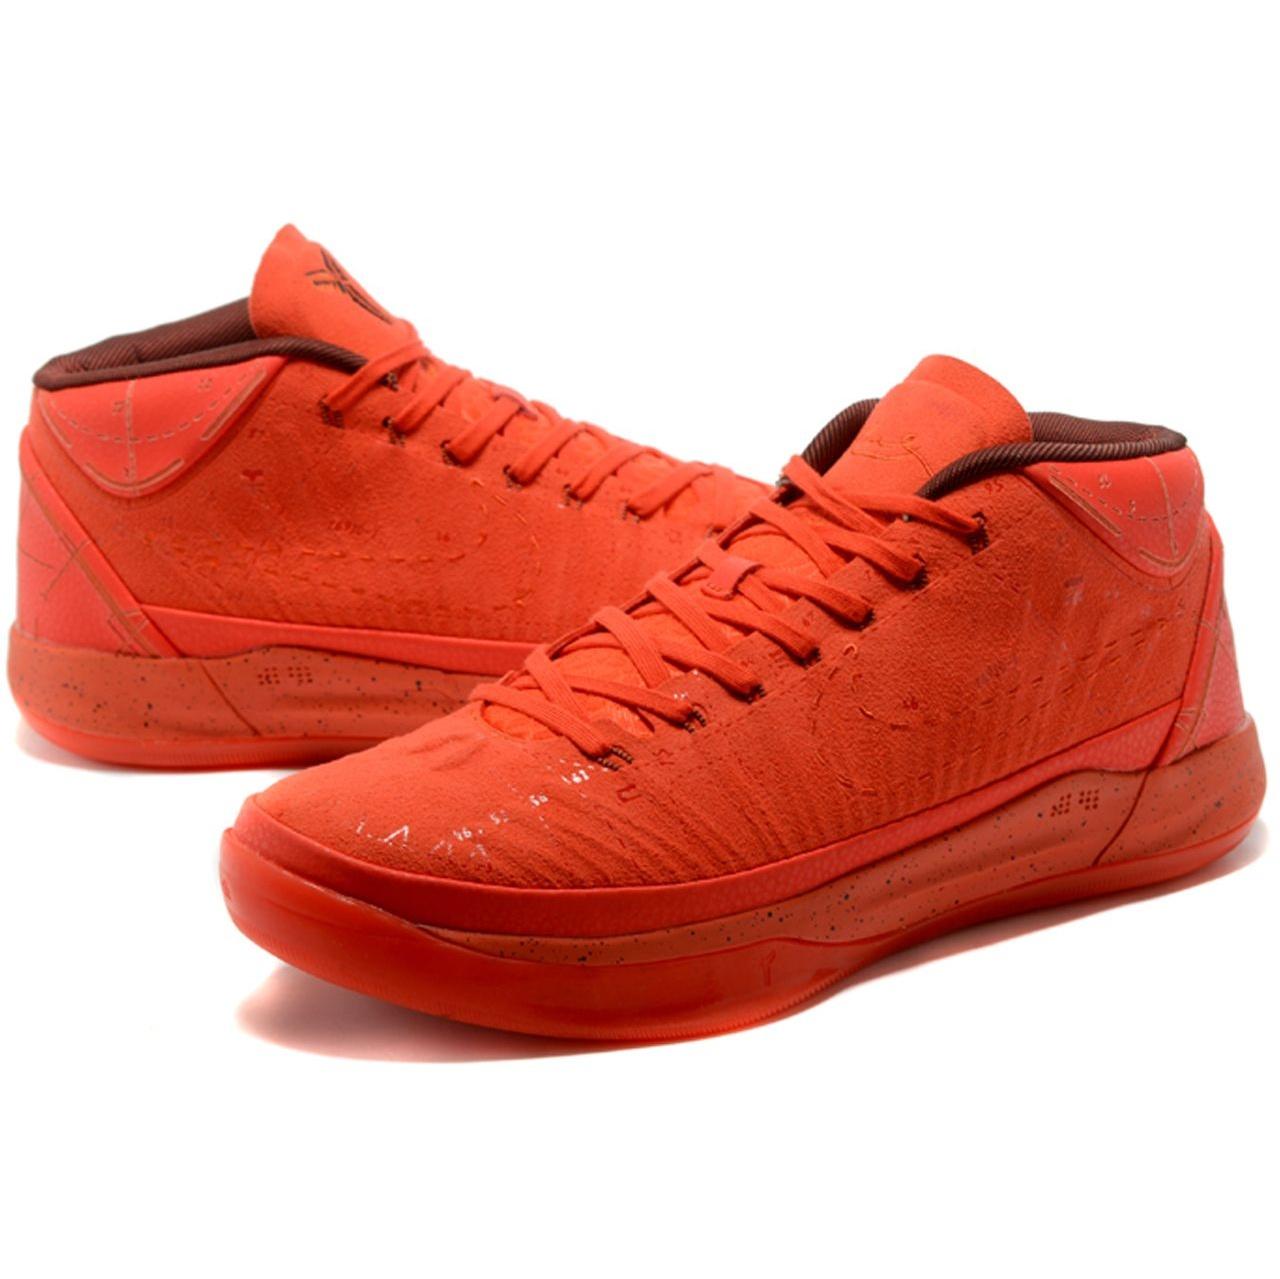 کفش ورزشی مخصوص دویدن و پیاده روی مردانه نایکی مدل Nike Kobe Red  main 1 1